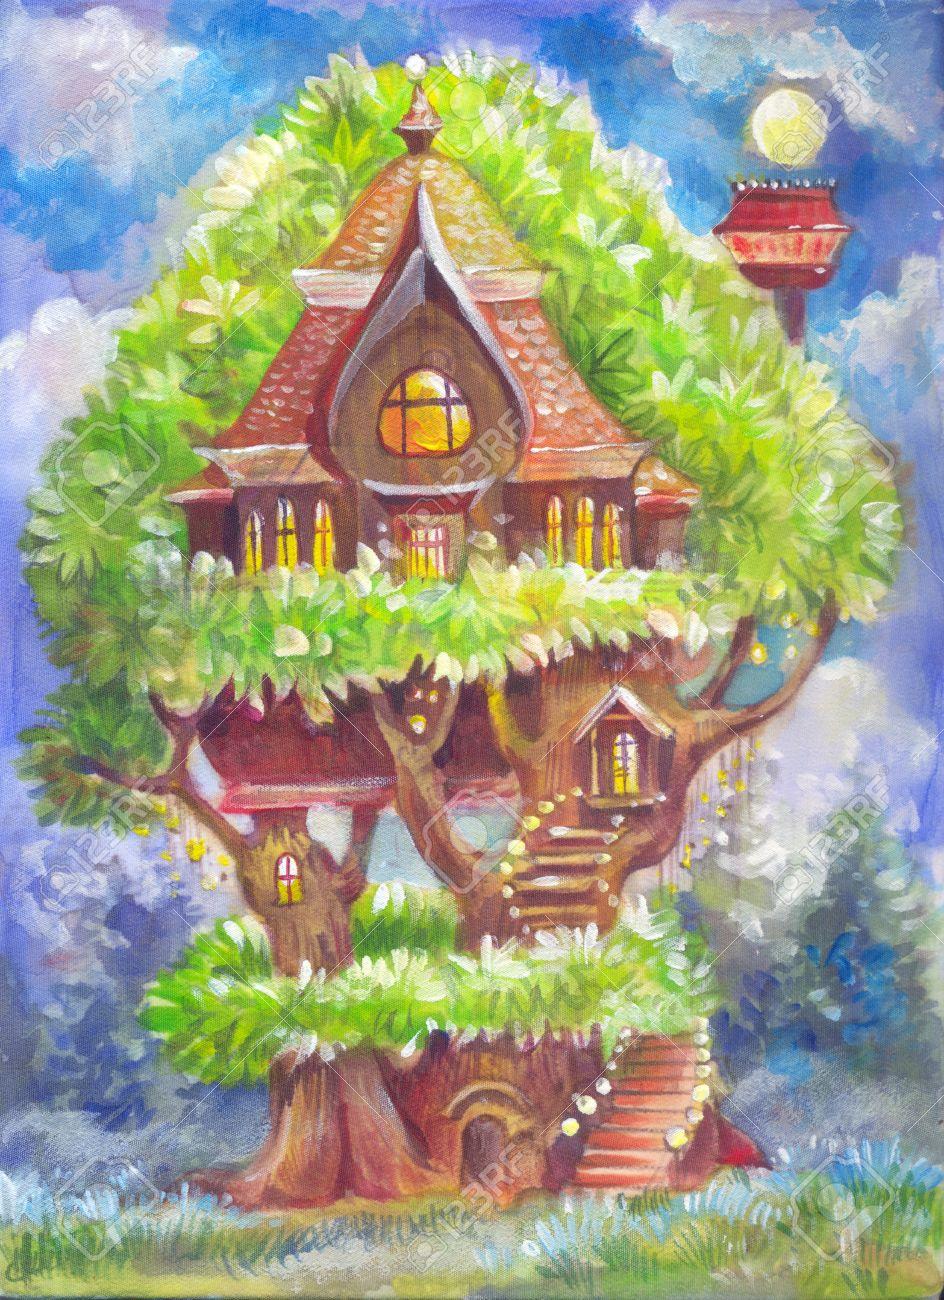 幻想的な木の家と子供のイラスト キャンバス上の手によって描かれた絵をファンタジーします イラスト 本 背景 ポスター ポストカード 子供用品のための図面 保育園の壁紙 の写真素材 画像素材 Image